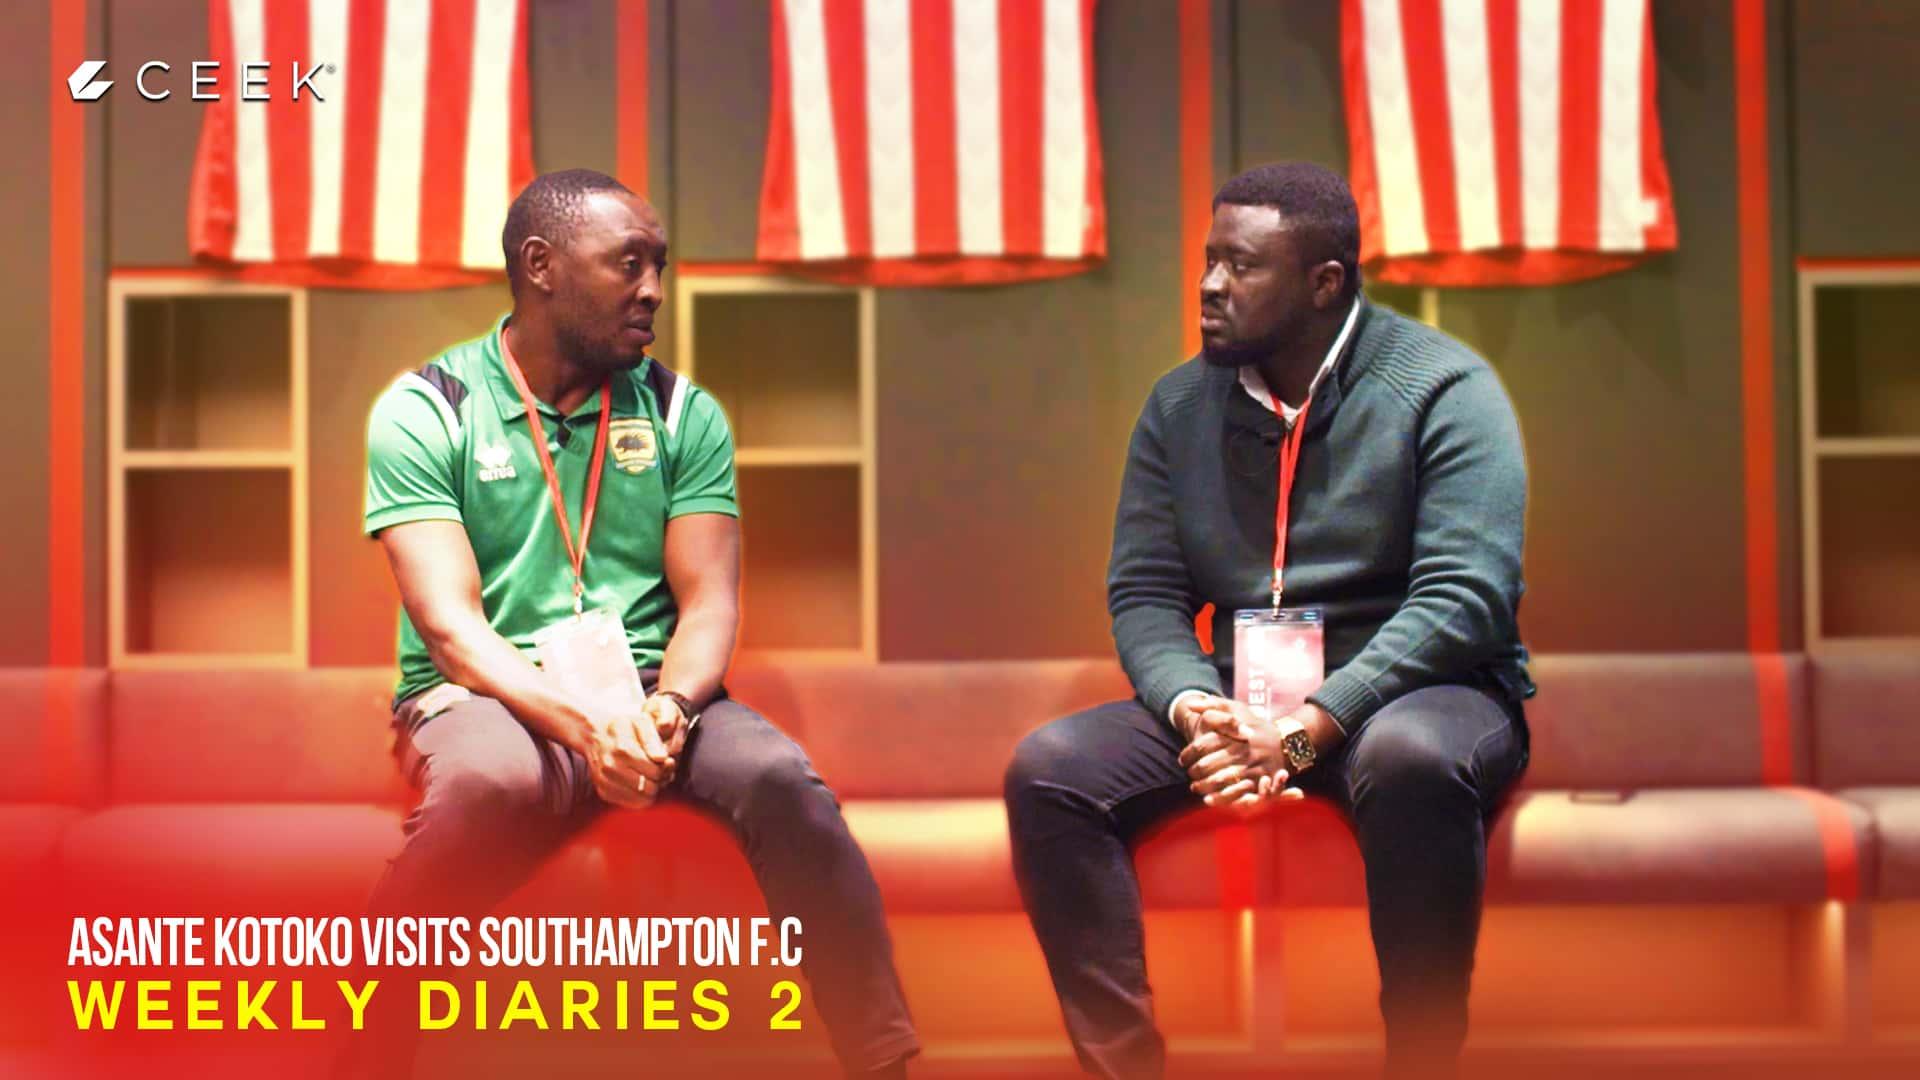 Asante Kotoko visits Southampton F.C: Weekly Diaries 2 ceek.com